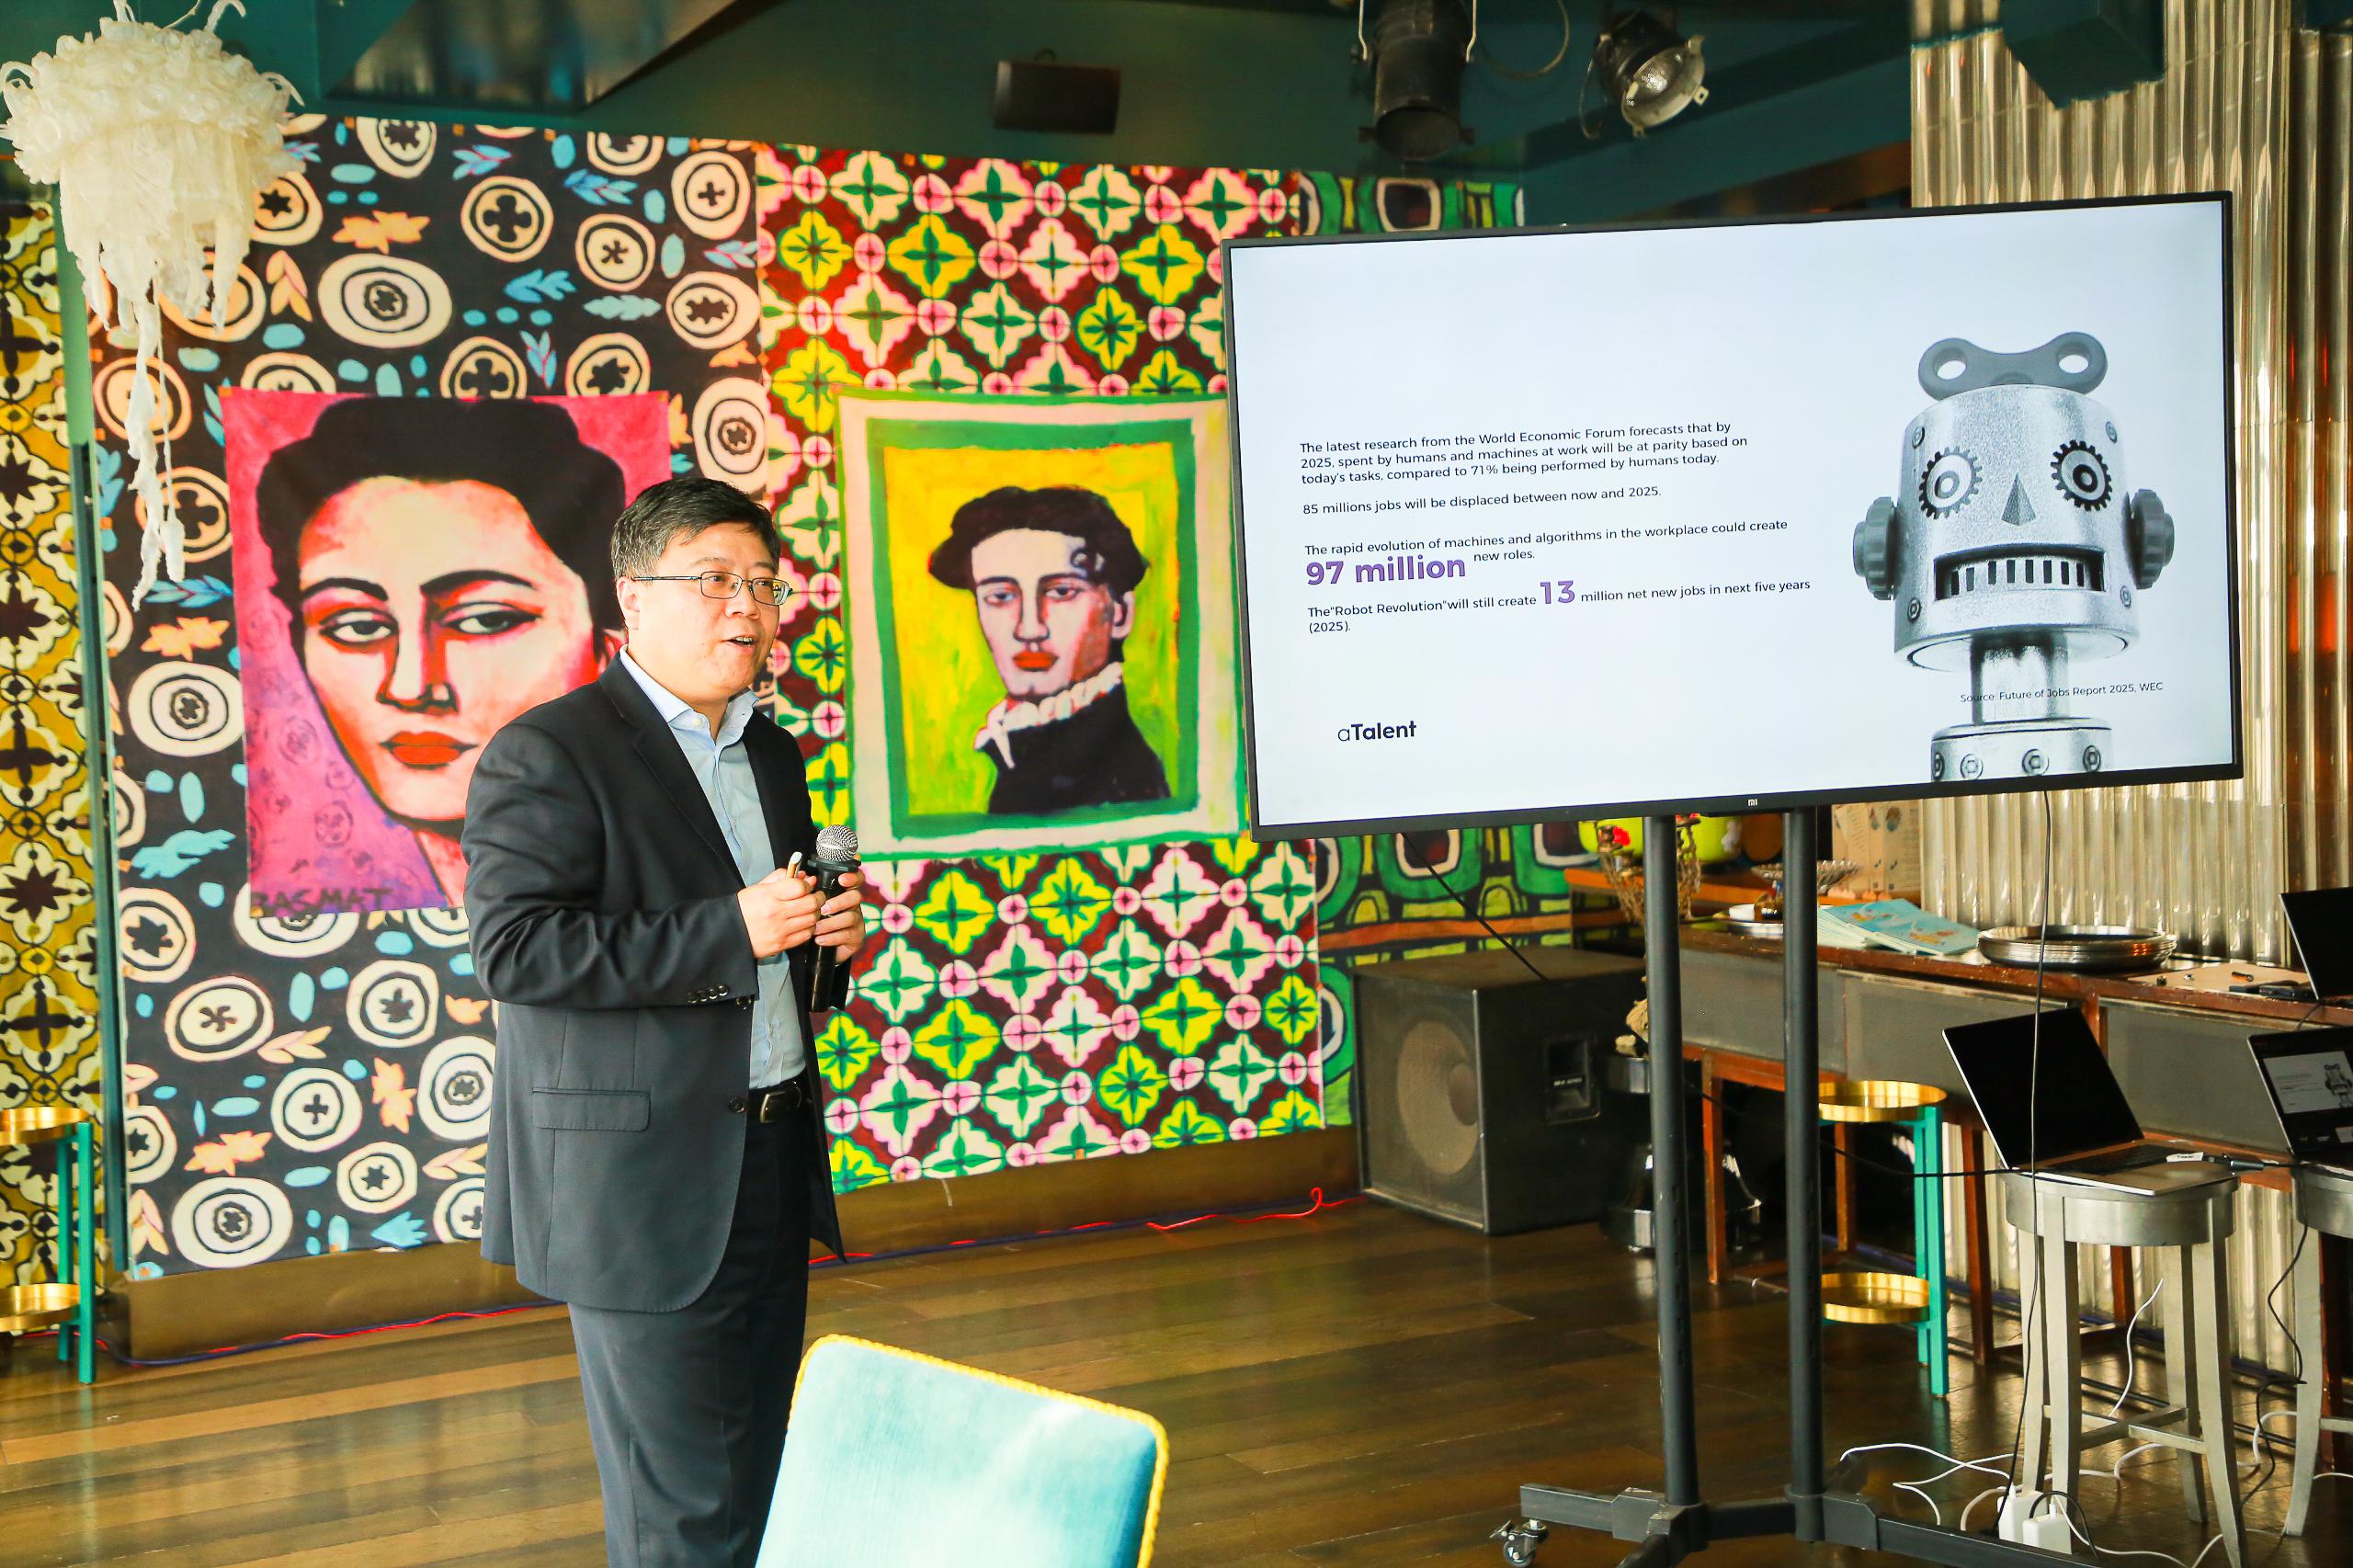 金句干货整理 | aTalent & 奥秘中国:企业数字化学习发展之变革创新 8